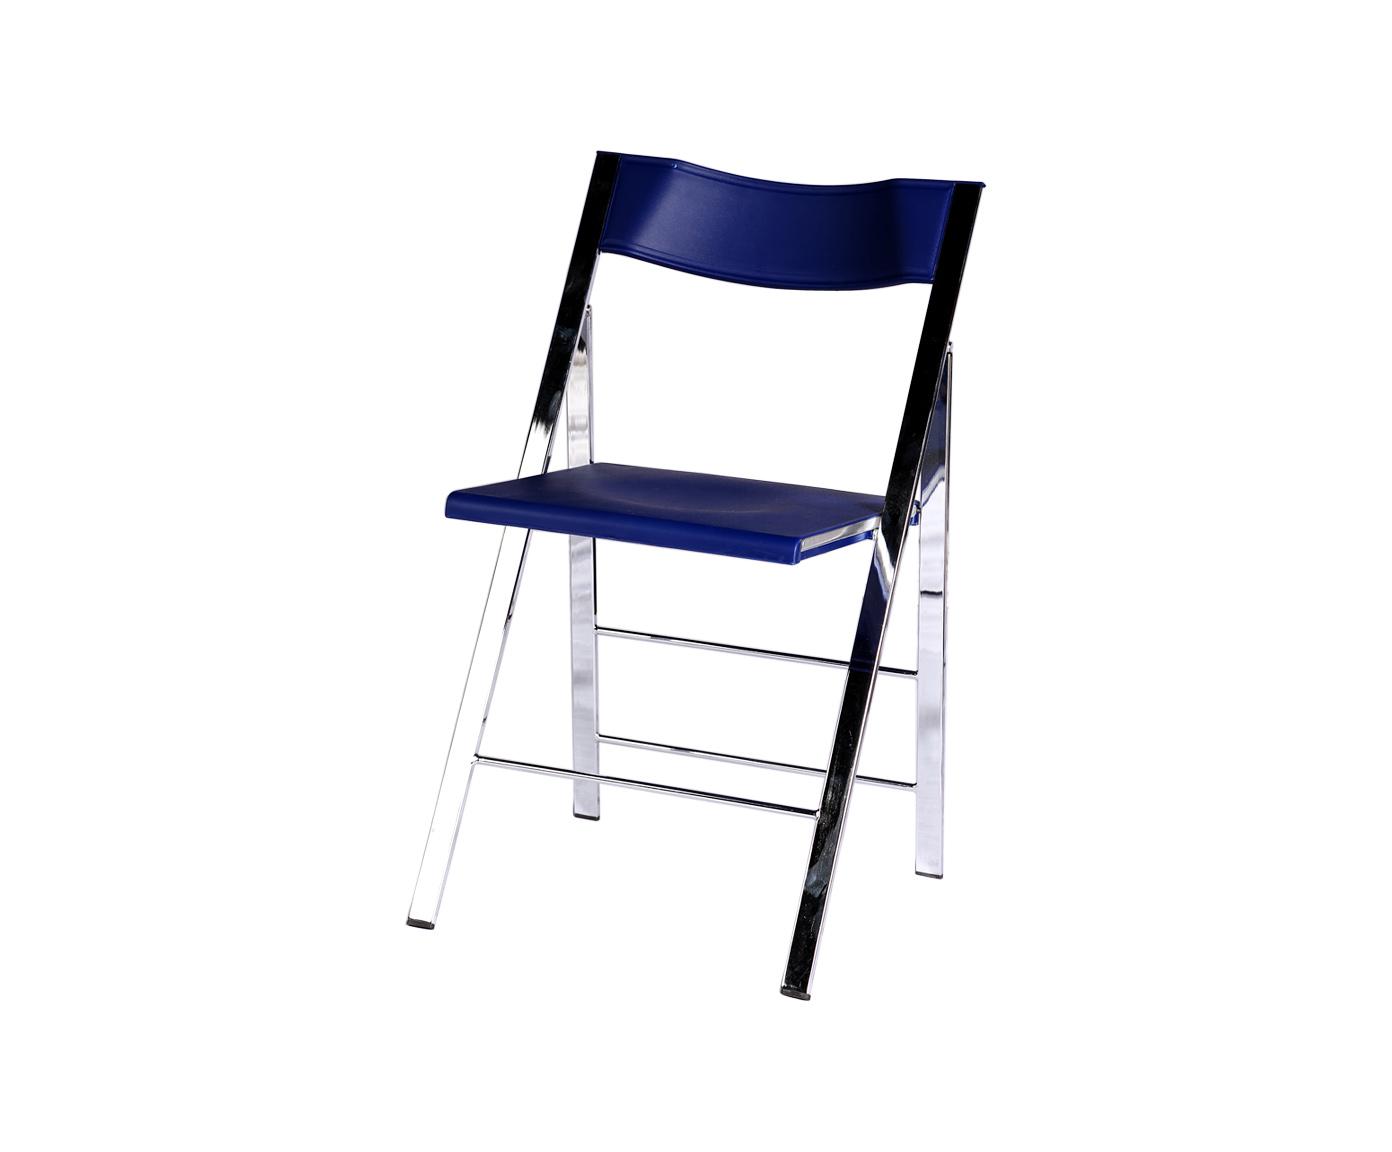 Стул раскладнойКресла и стулья для дачного дома<br><br><br>Material: Металл<br>Width см: 45<br>Depth см: 40<br>Height см: 78